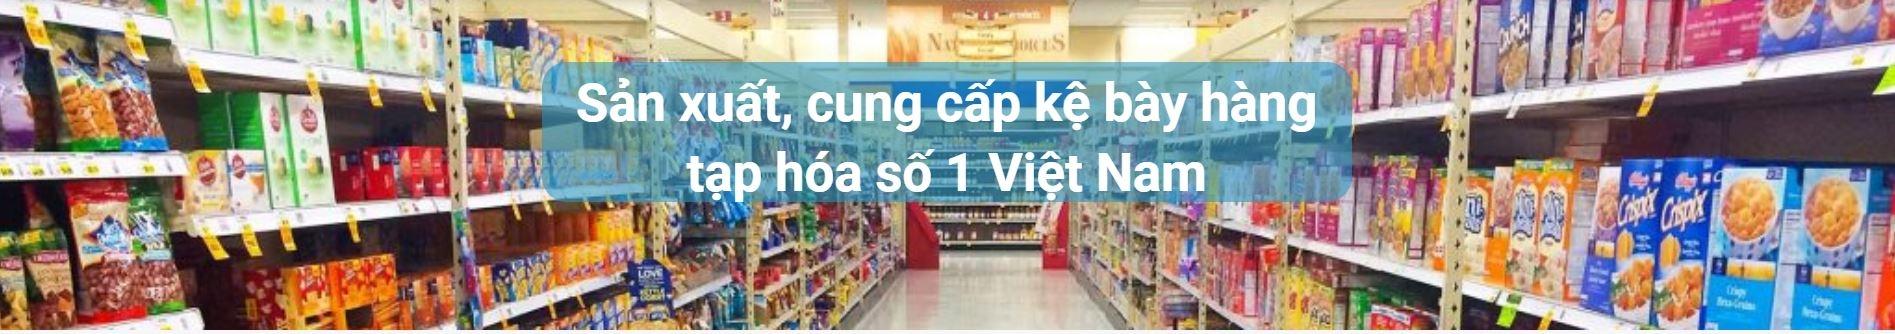 Kệ bày hàng tạp hóa (@kebayhangtaphoa) Cover Image